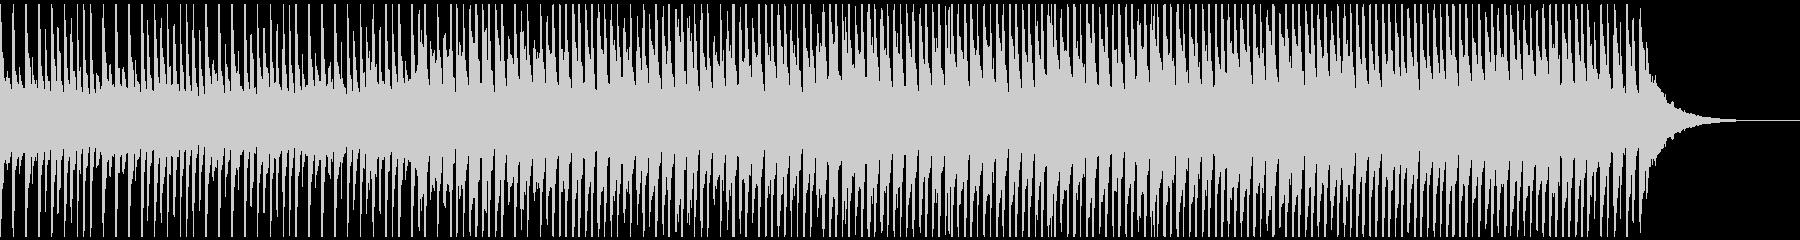 喜び(60秒)の未再生の波形